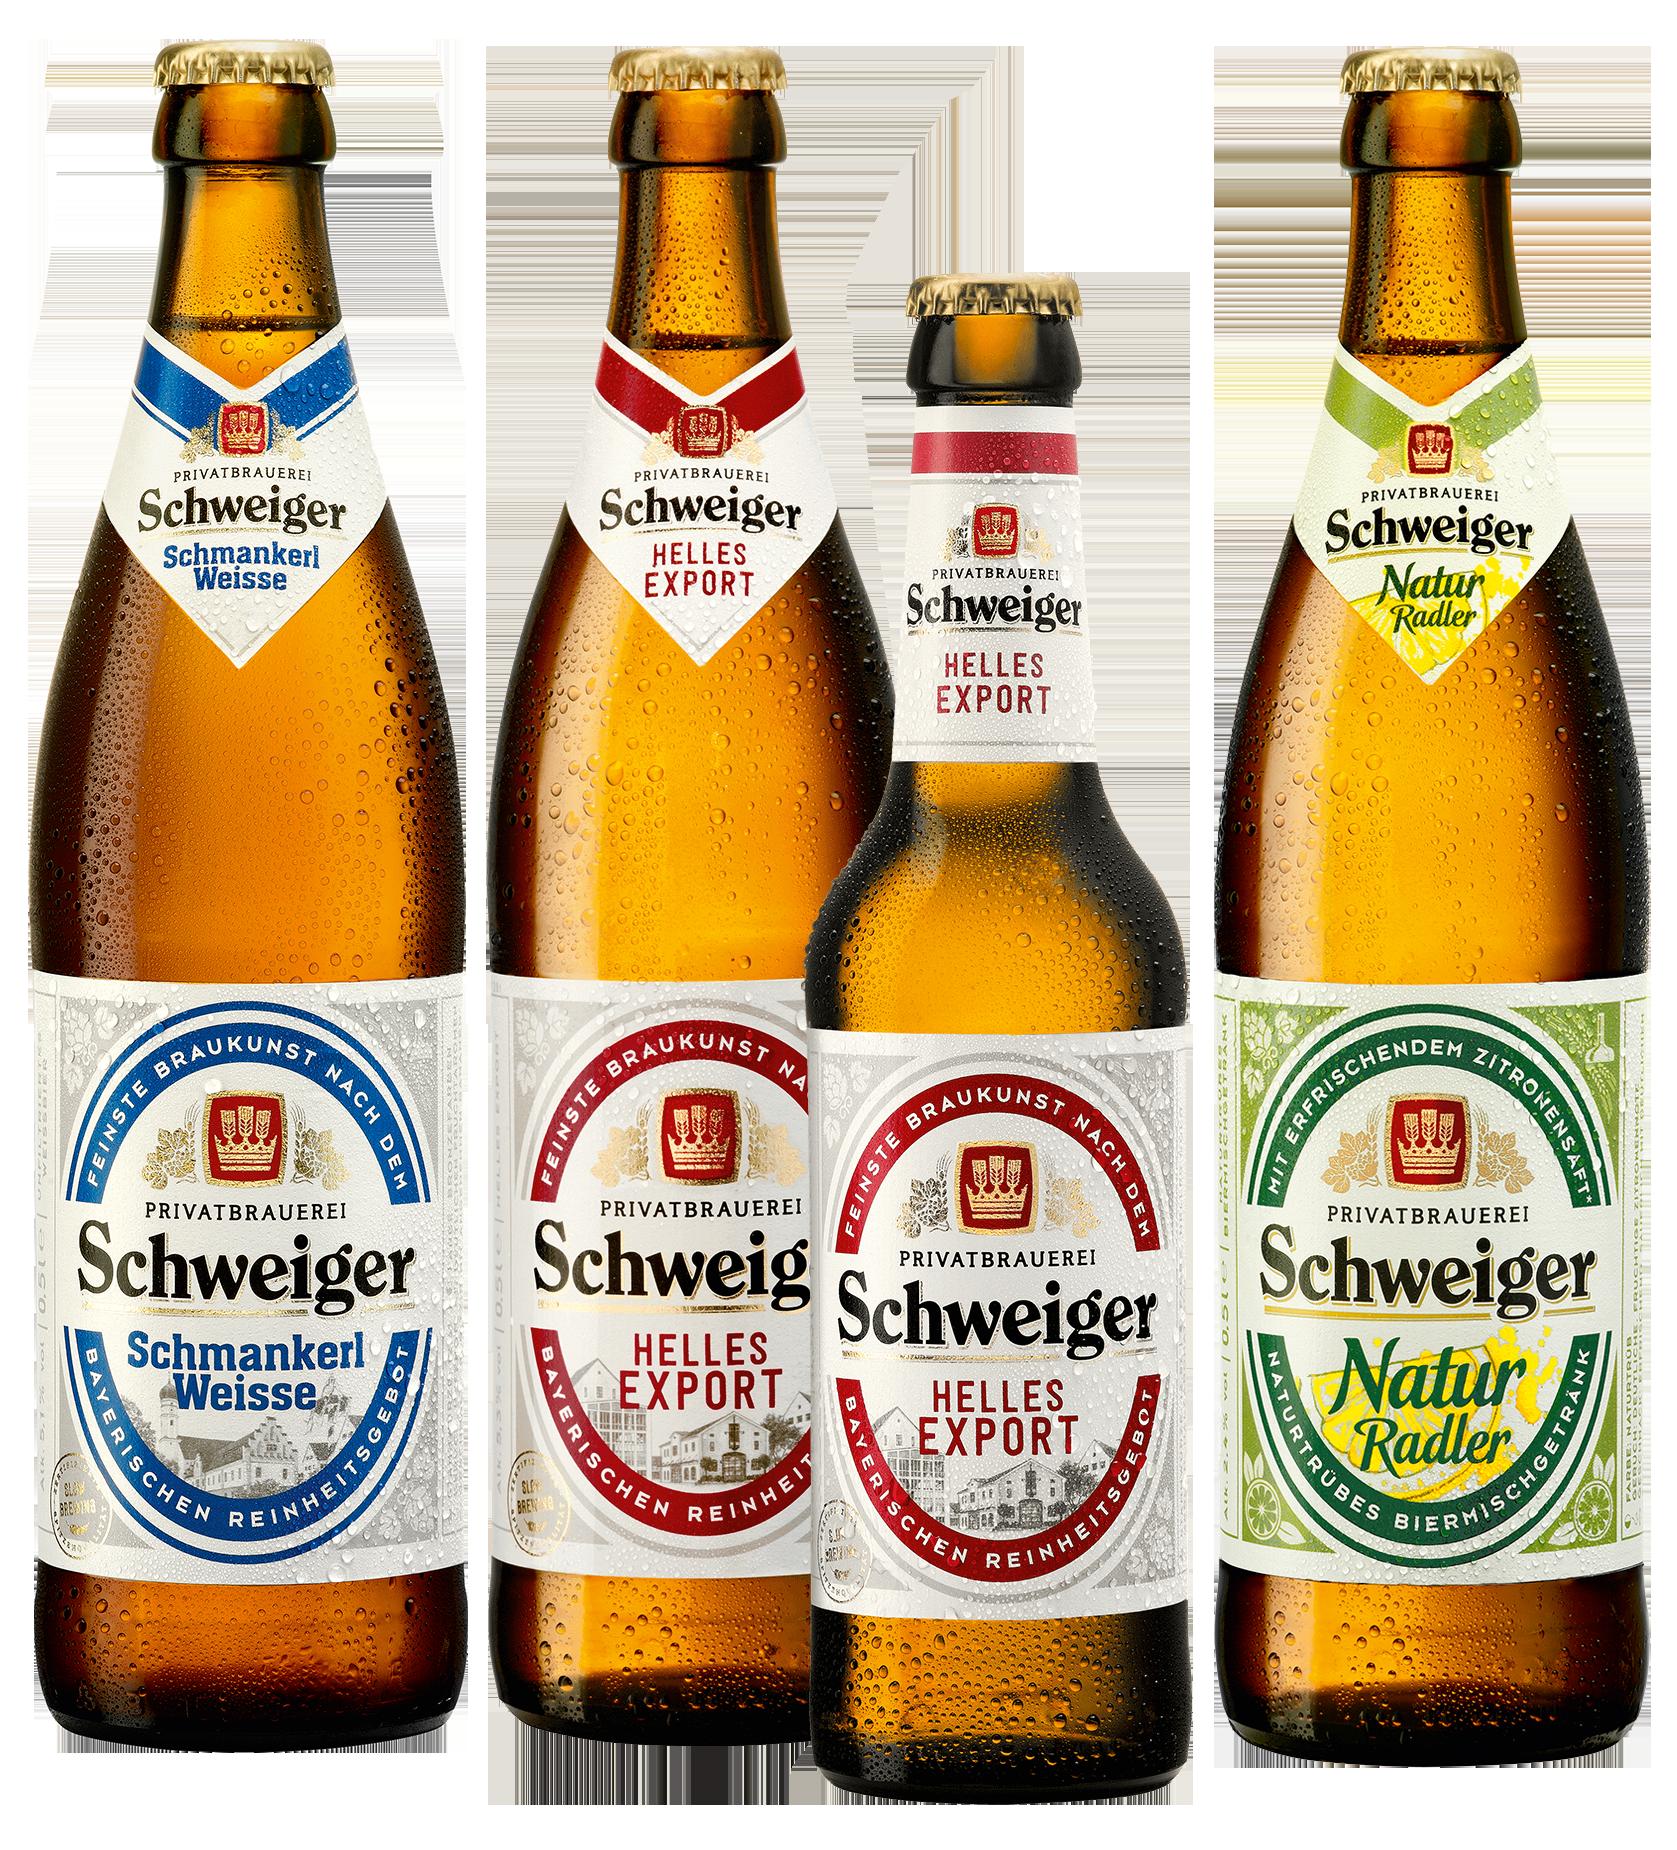 Eine Auswahl von Bieren der Privatbrauerei Schweiger mit neuen Etiketten. Helles Export, Schmankerl Weisse und Natur Radler.